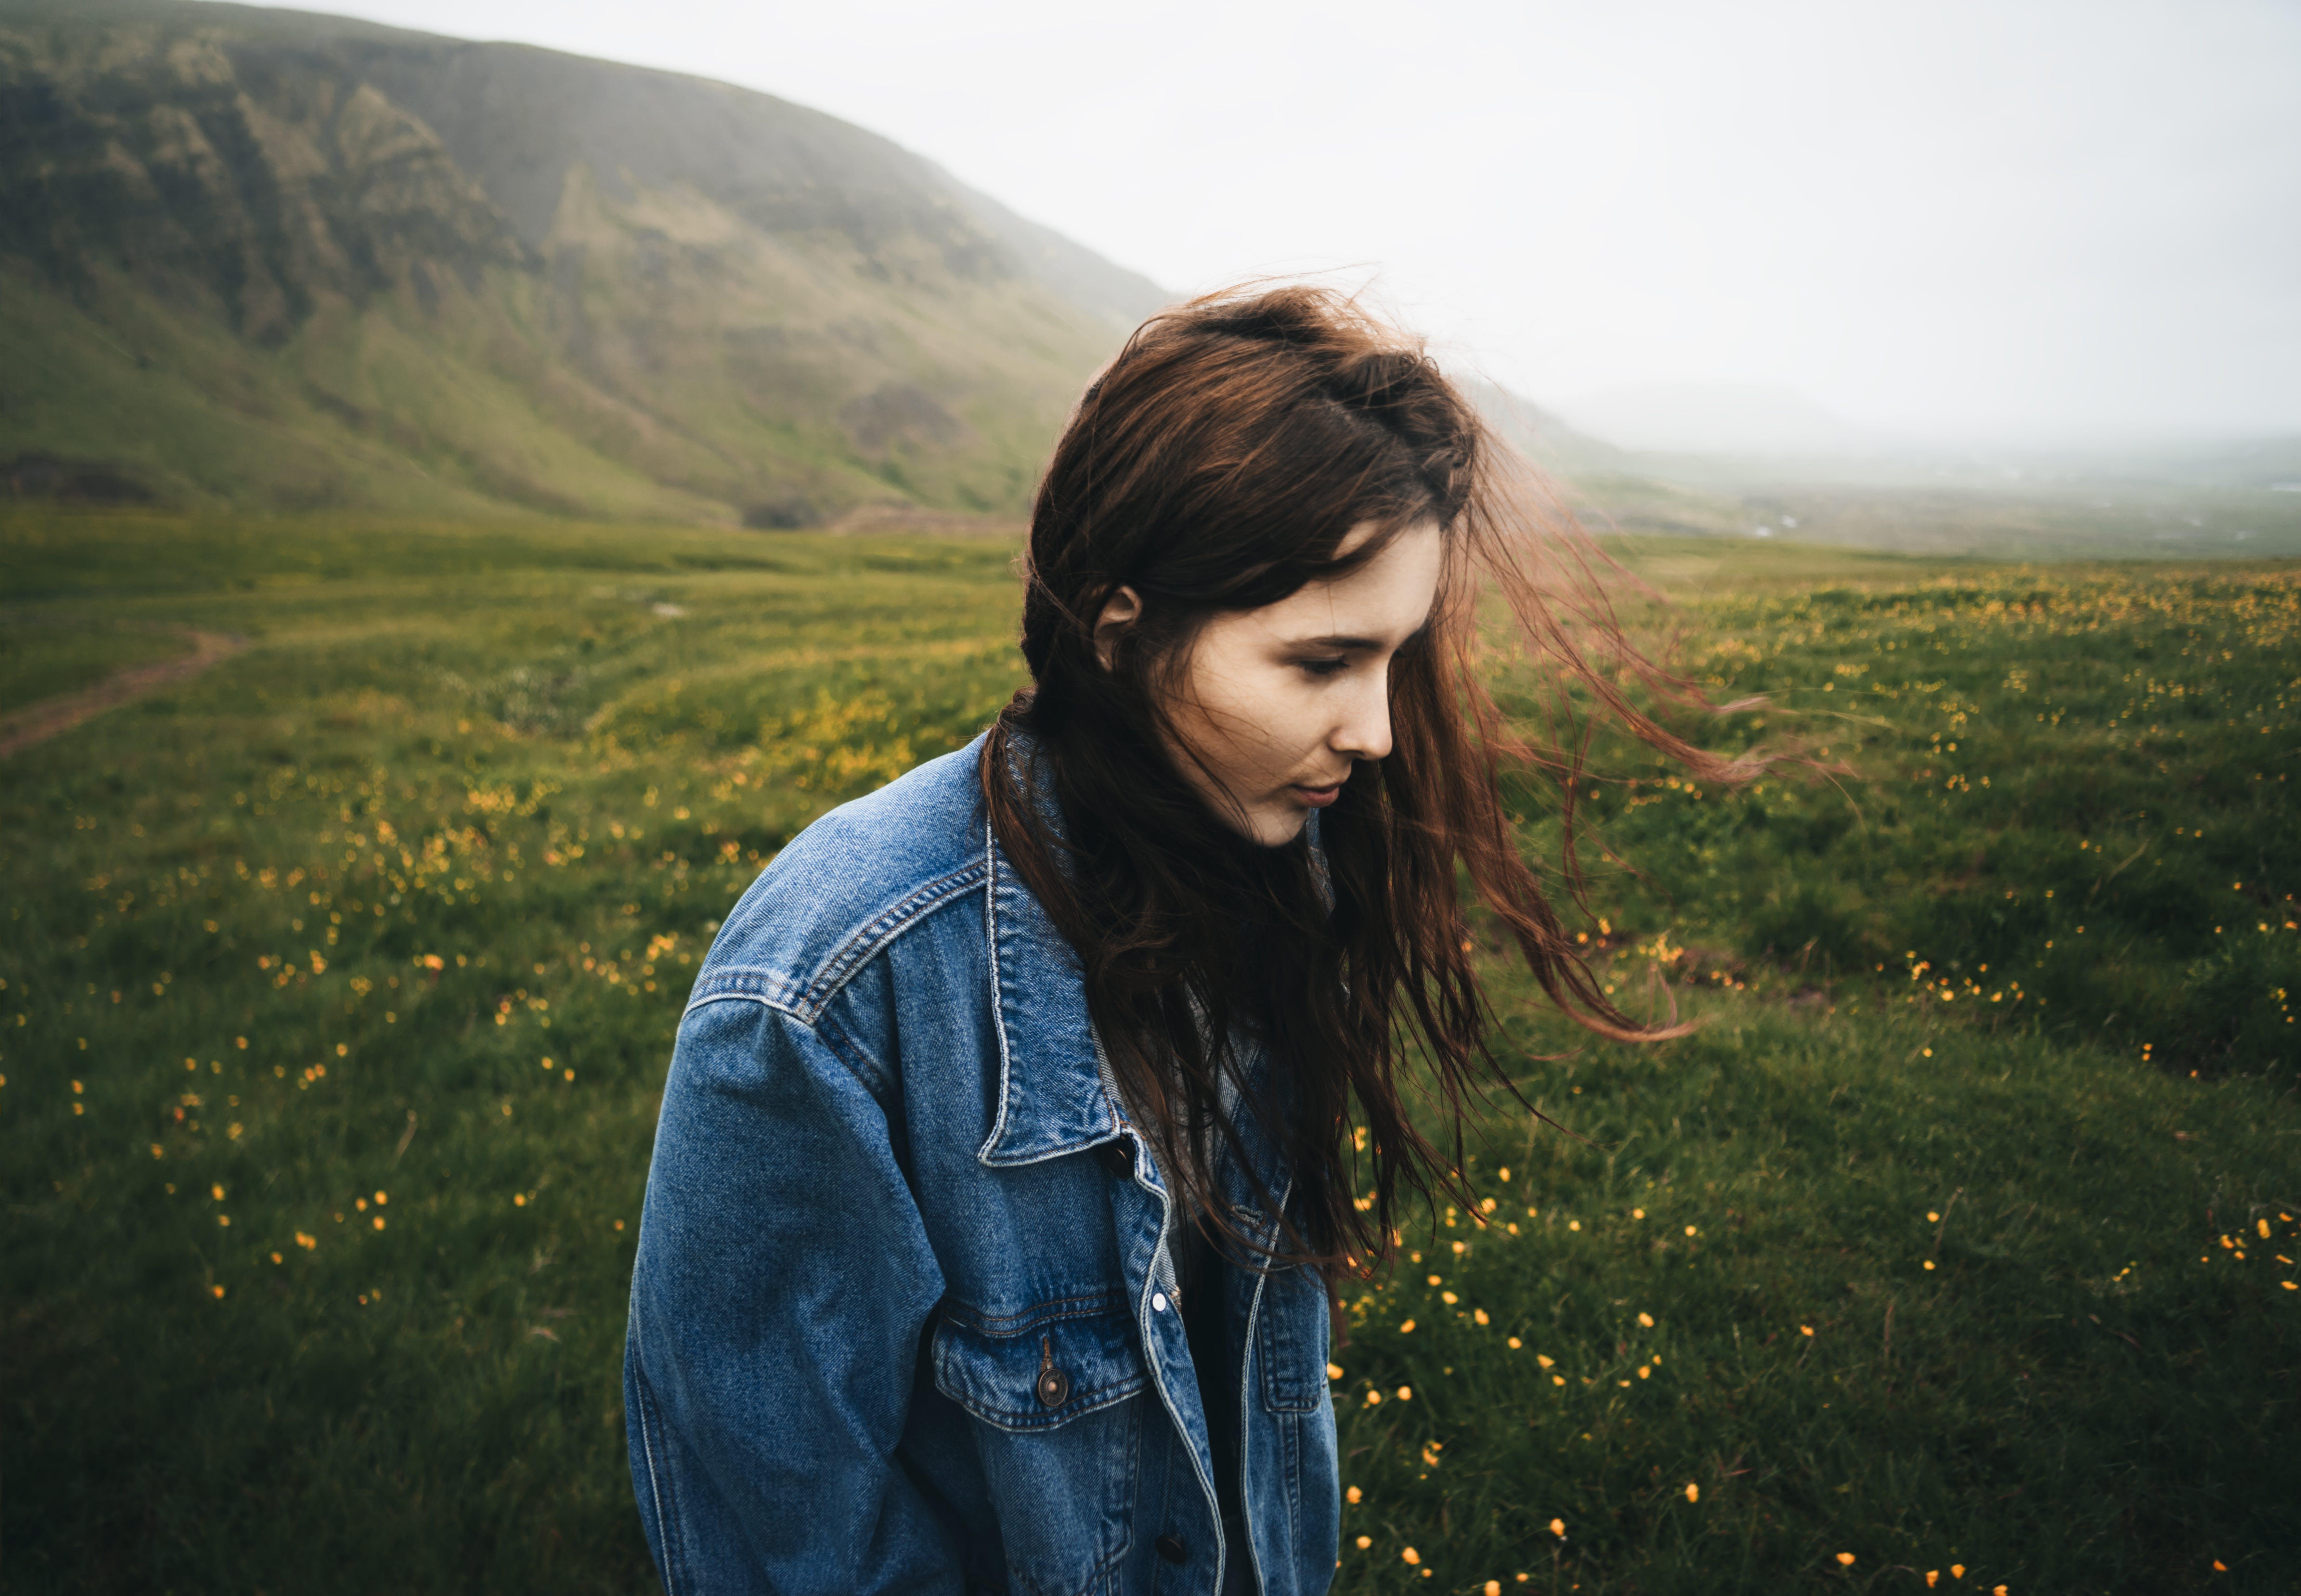 Woman Wearing Blue Denim Jacket Walking on the Green Grass Field